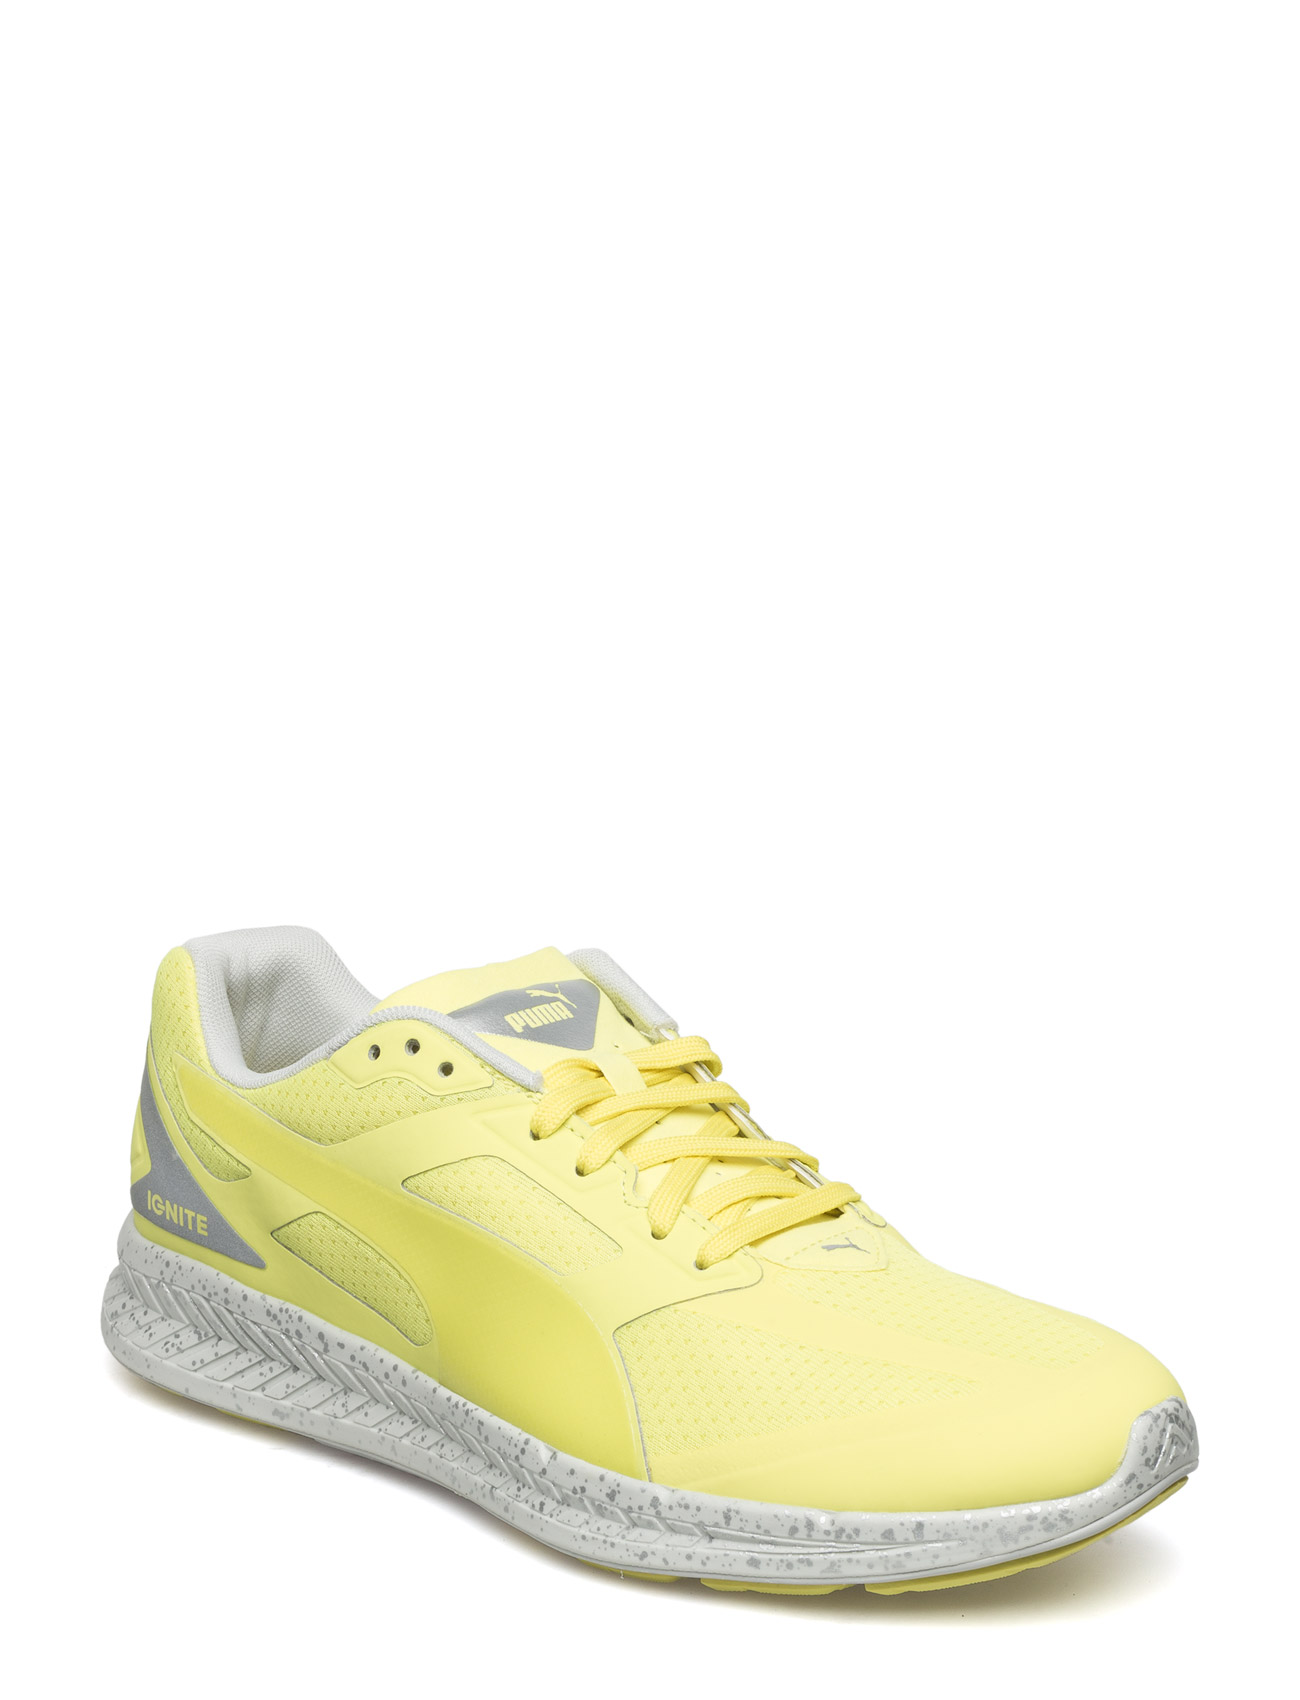 Ignite Fast Forward Puma Sneakers til Mænd i